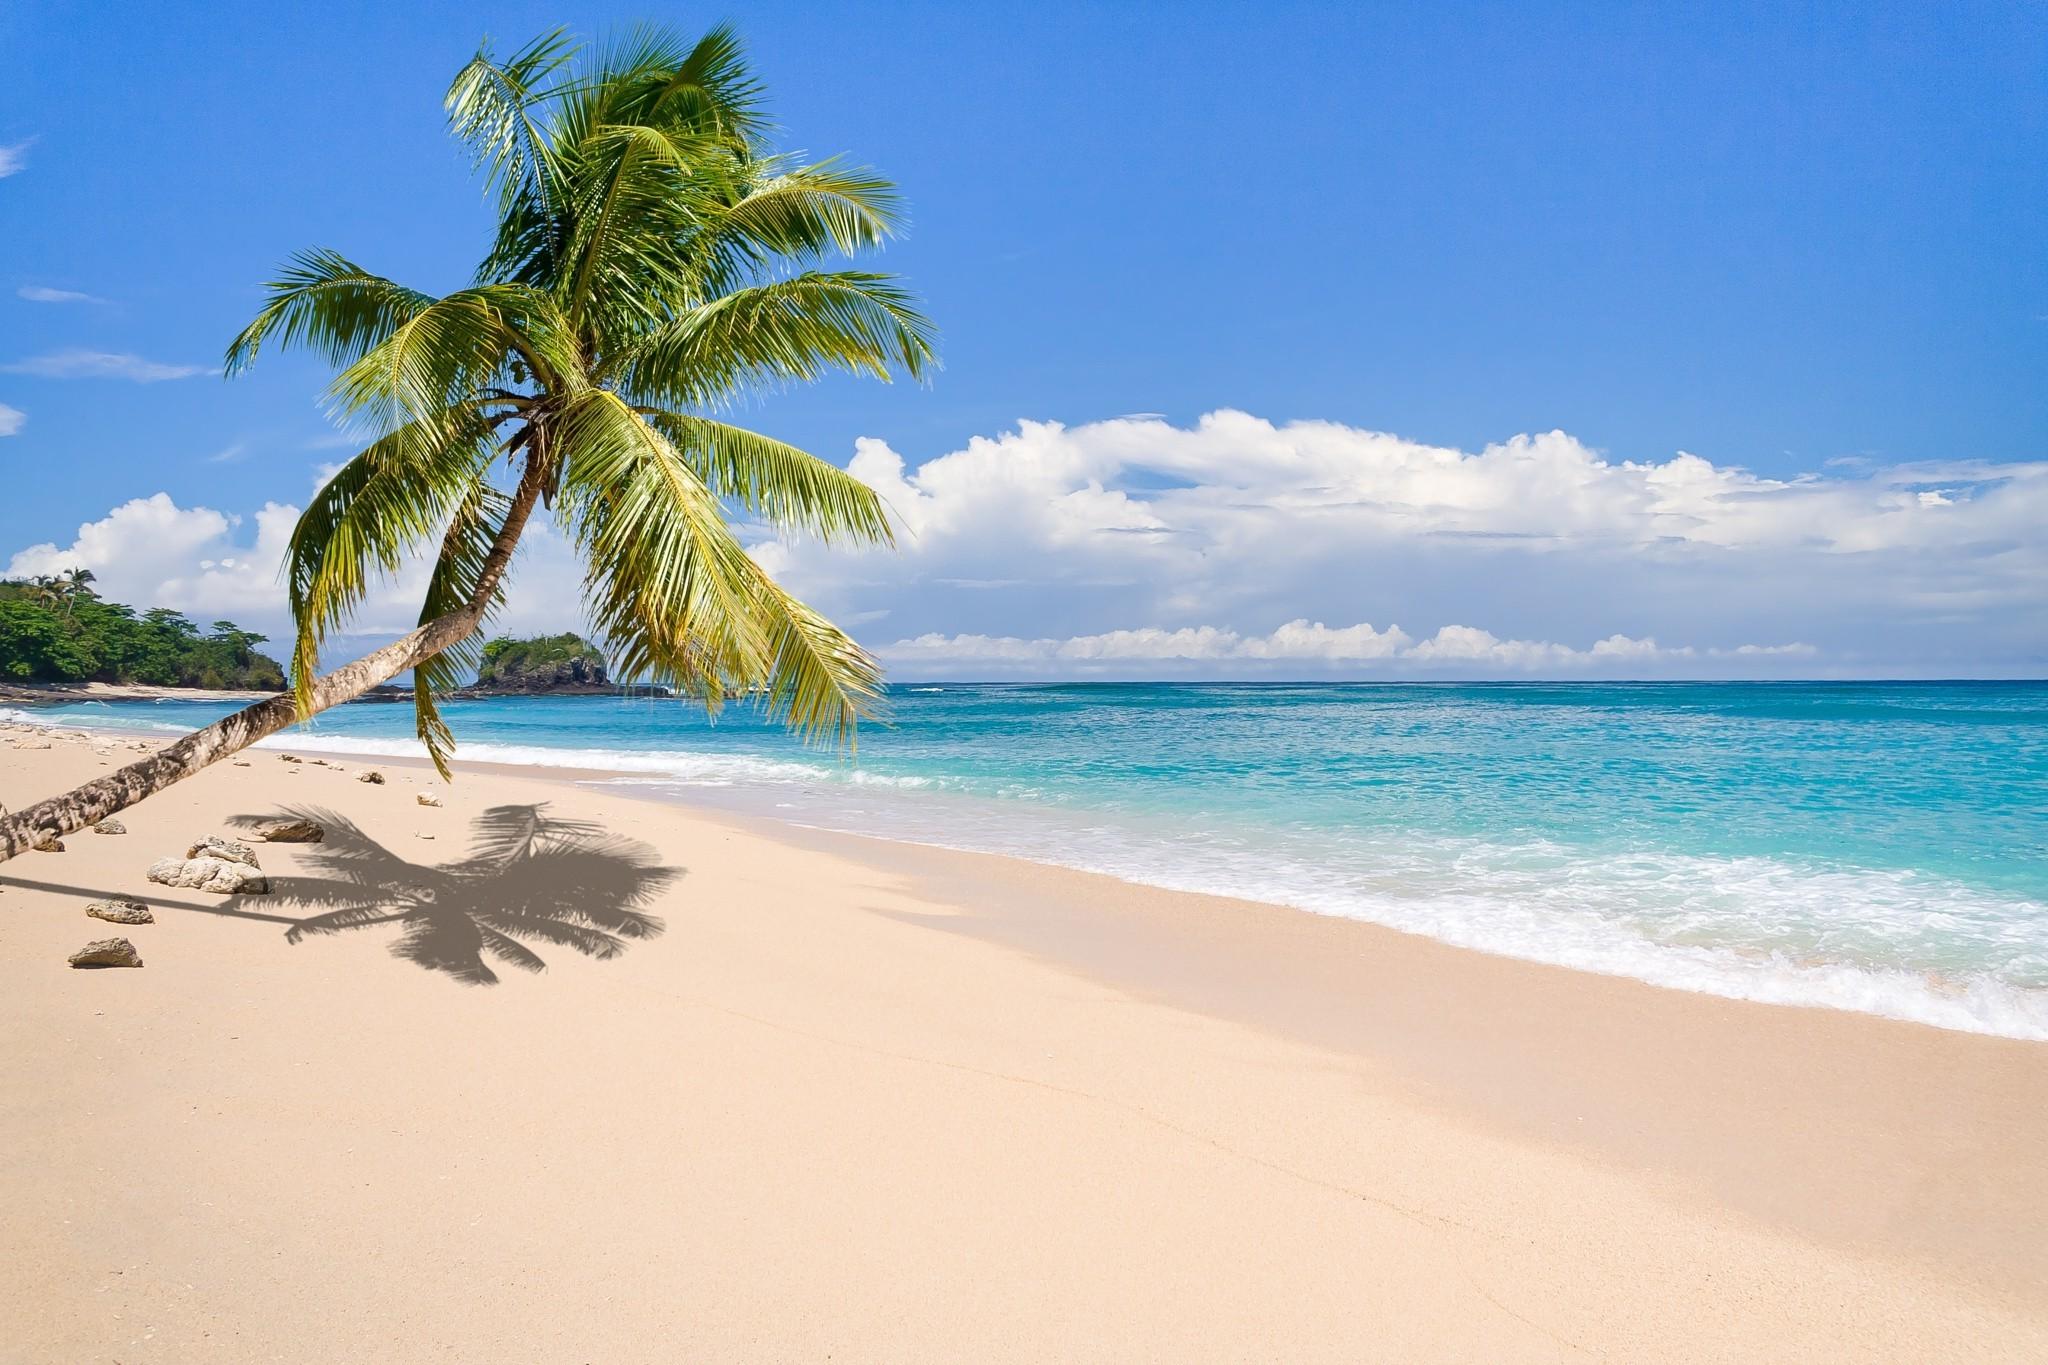 The beautiful island of Madagascar